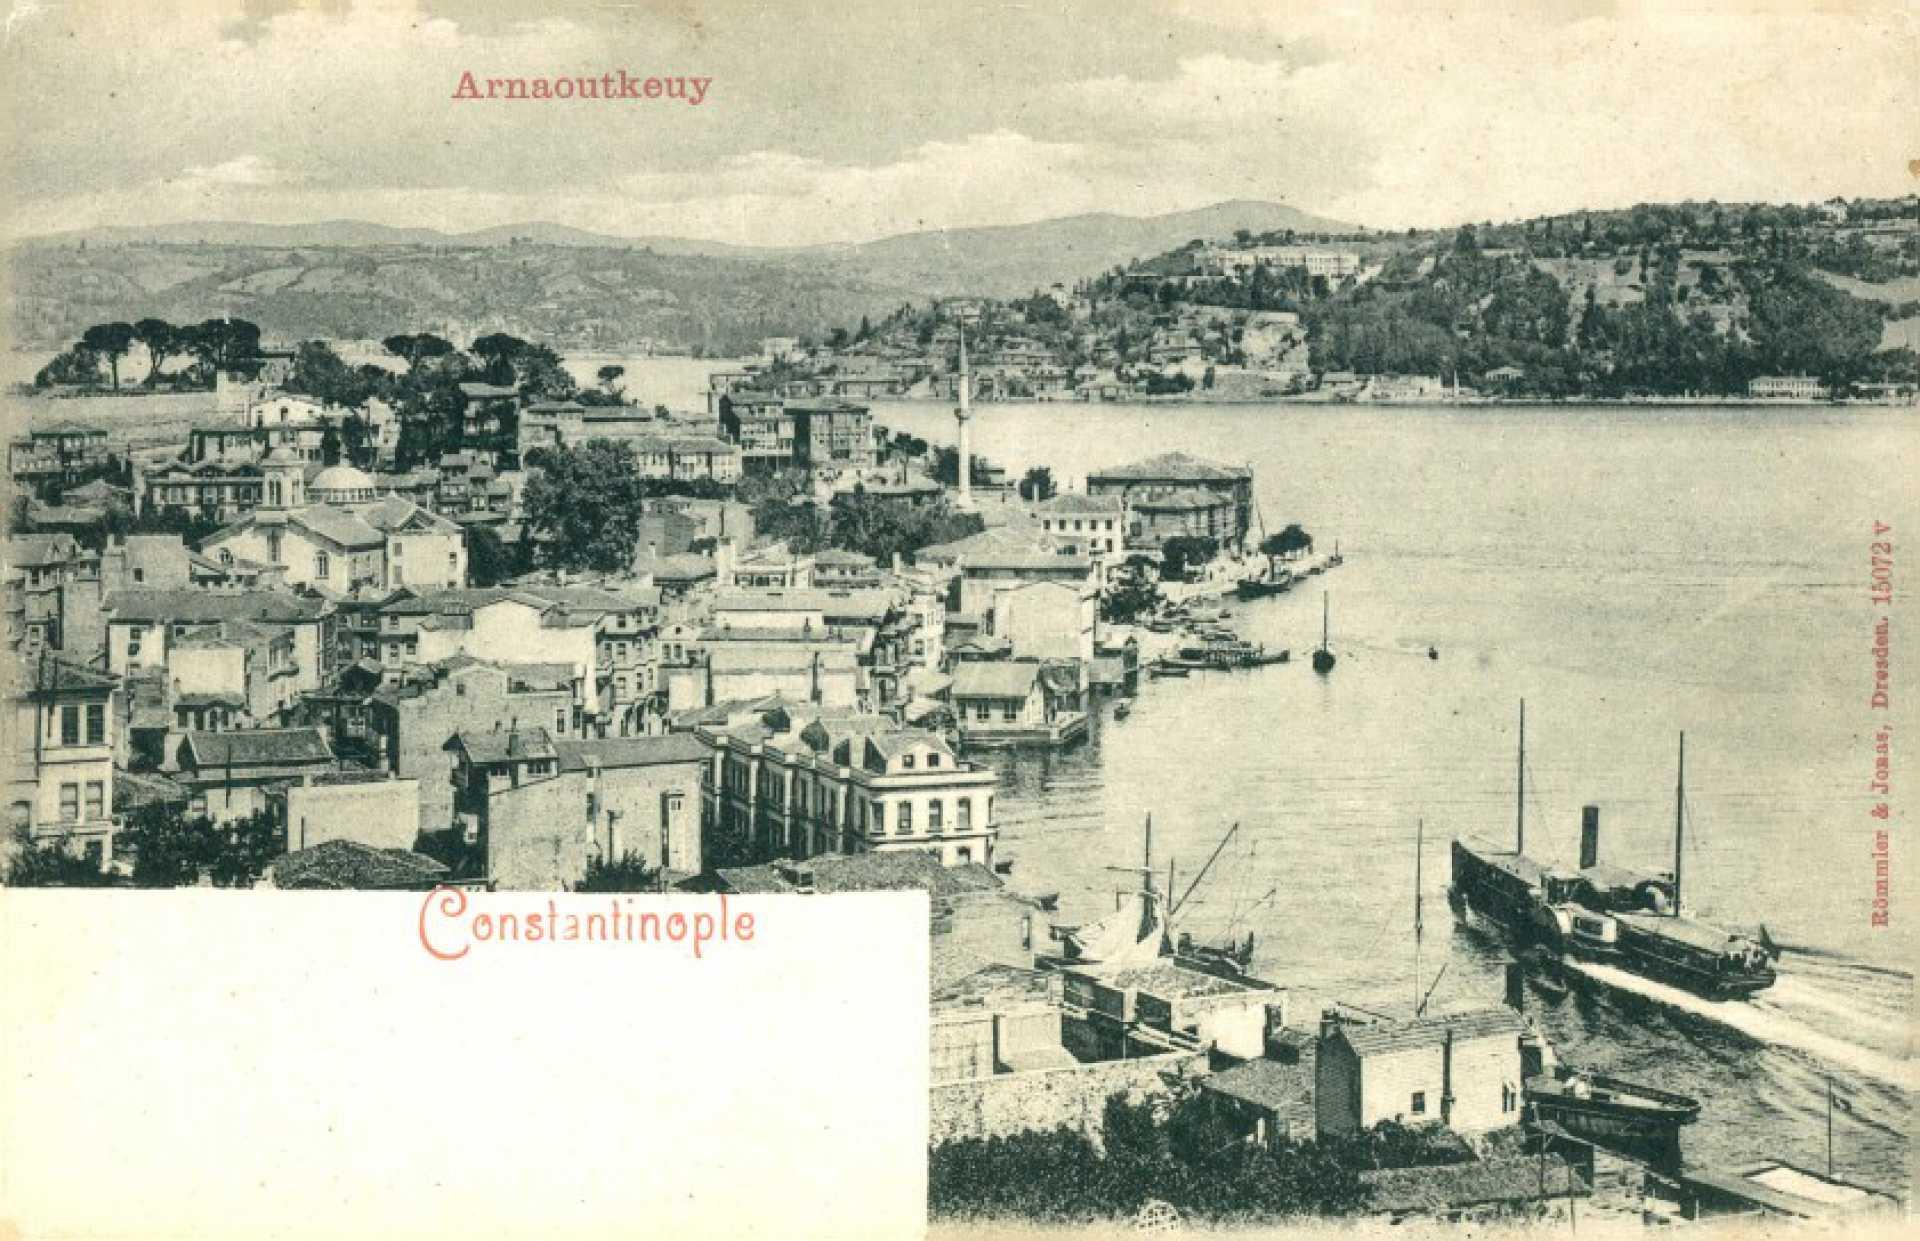 Arnaoutkeuy